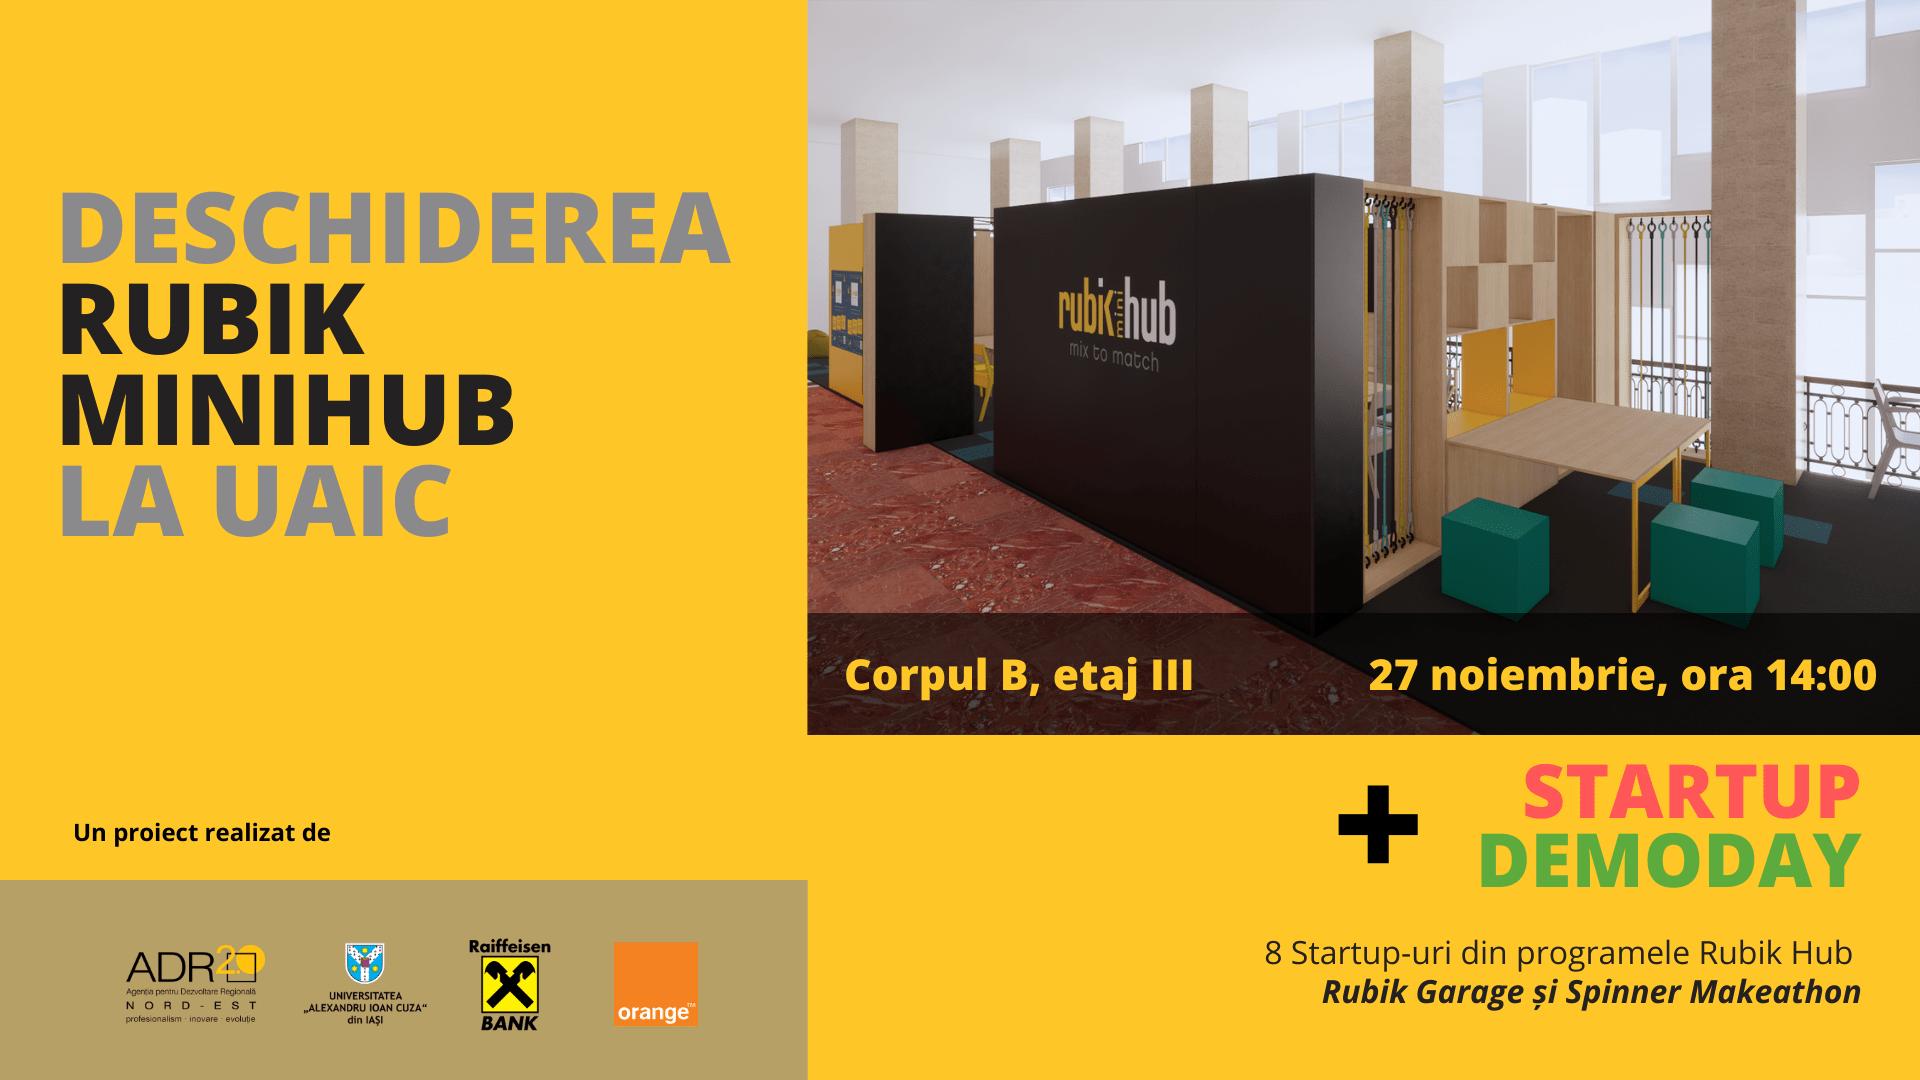 Rubik miniHub